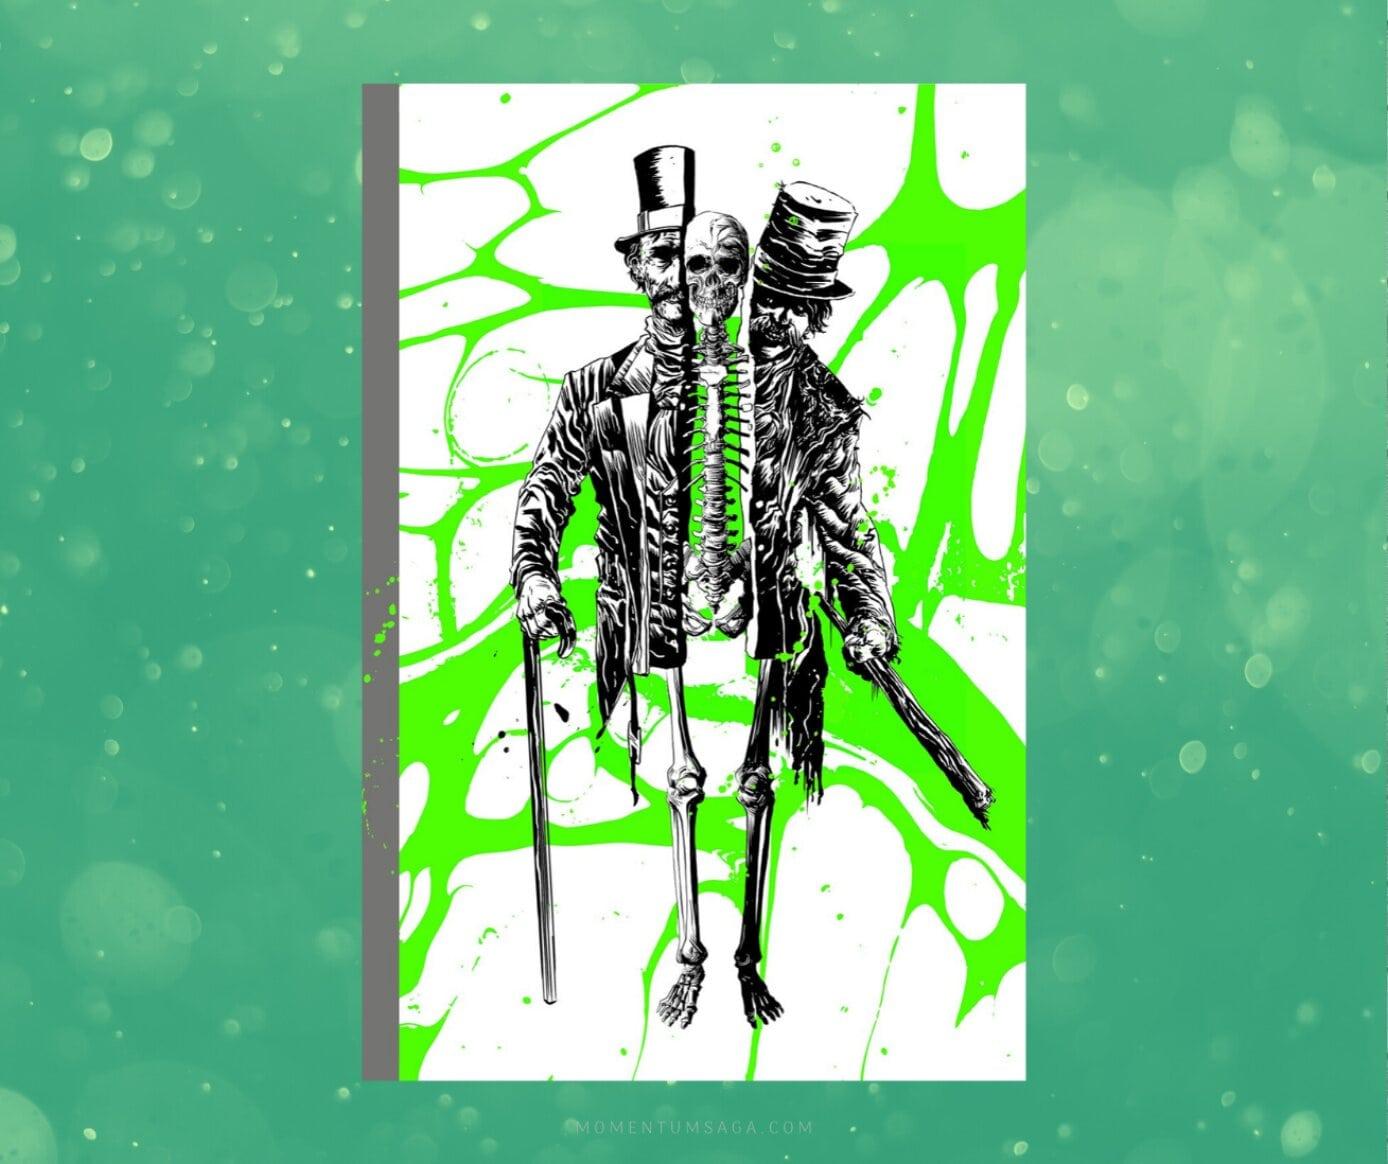 Resenha: O médico e o monstro e outros experimentos, de Robert Louis Stevenson